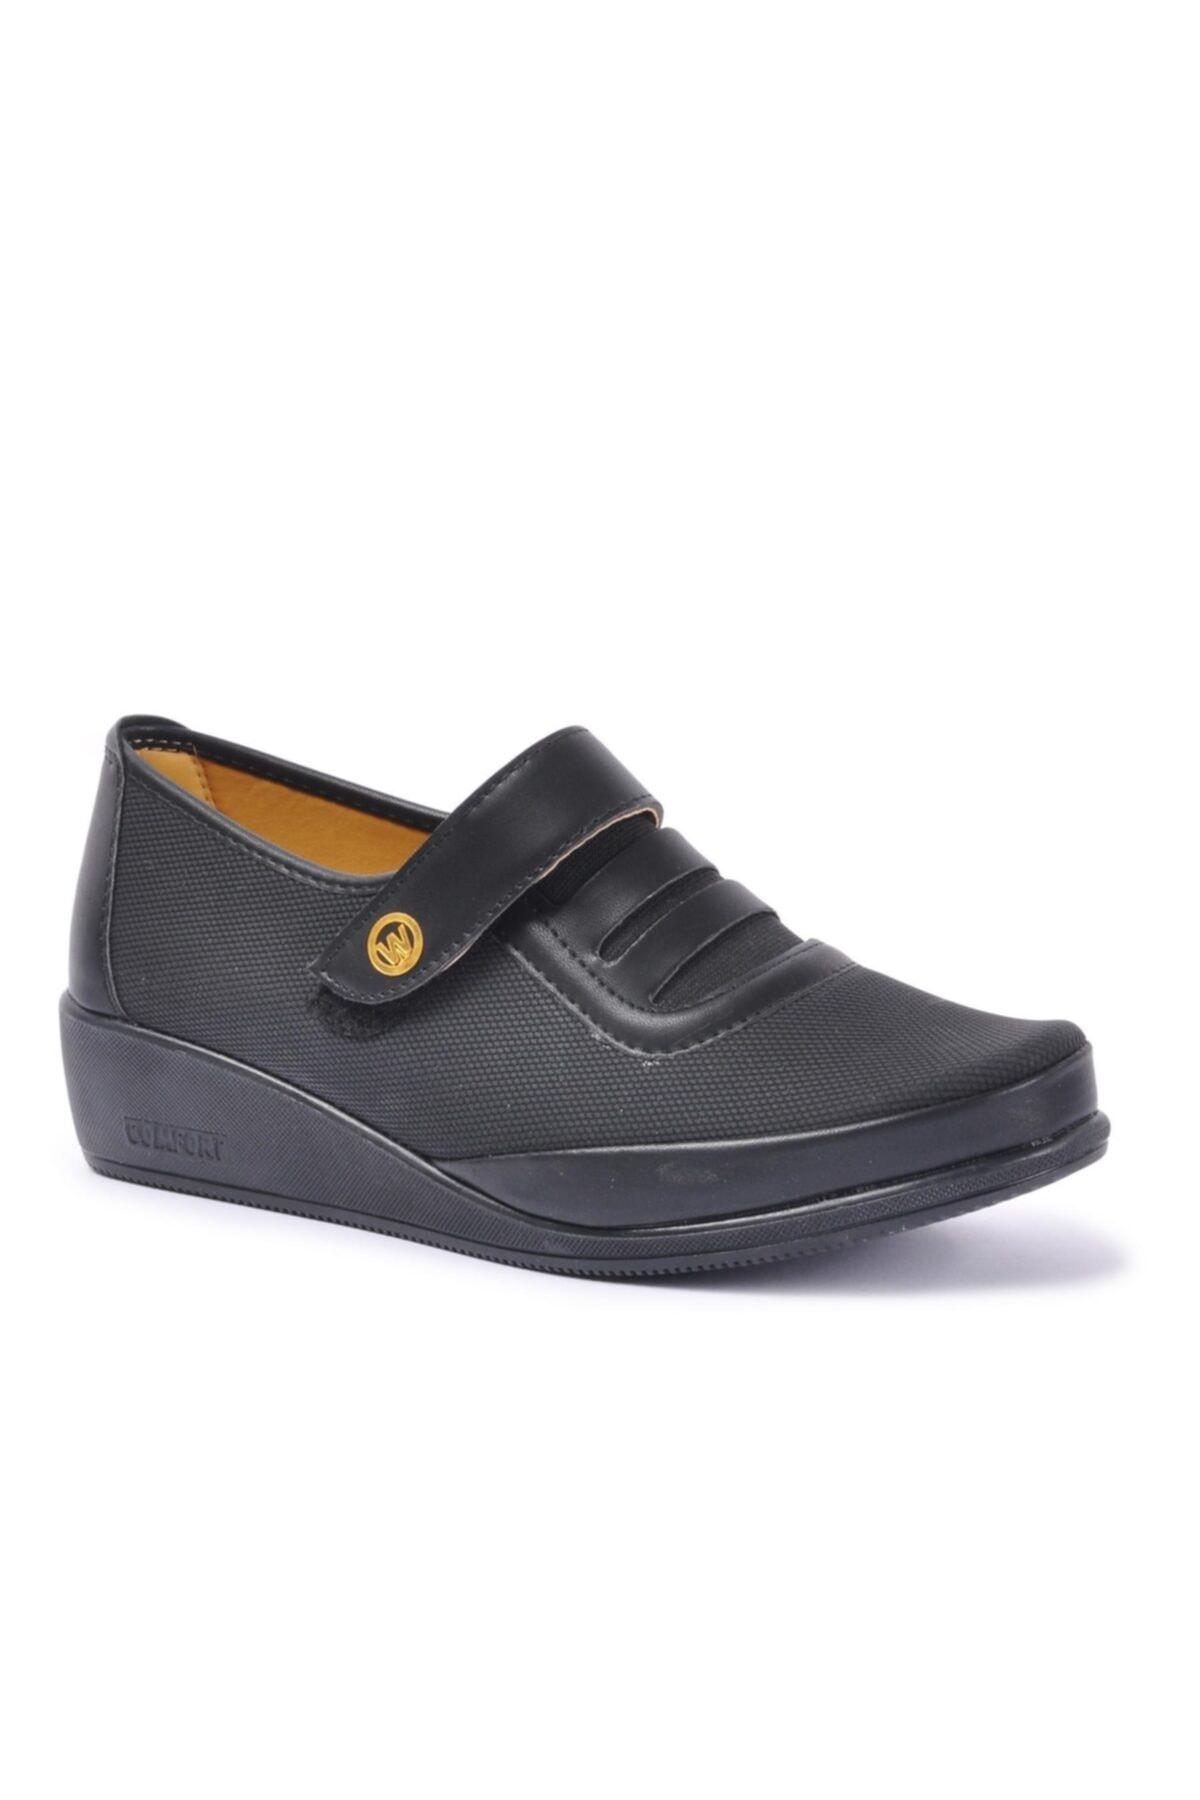 Wanetti Kadın Siyah Günlük Ayakkabı Cmf-303